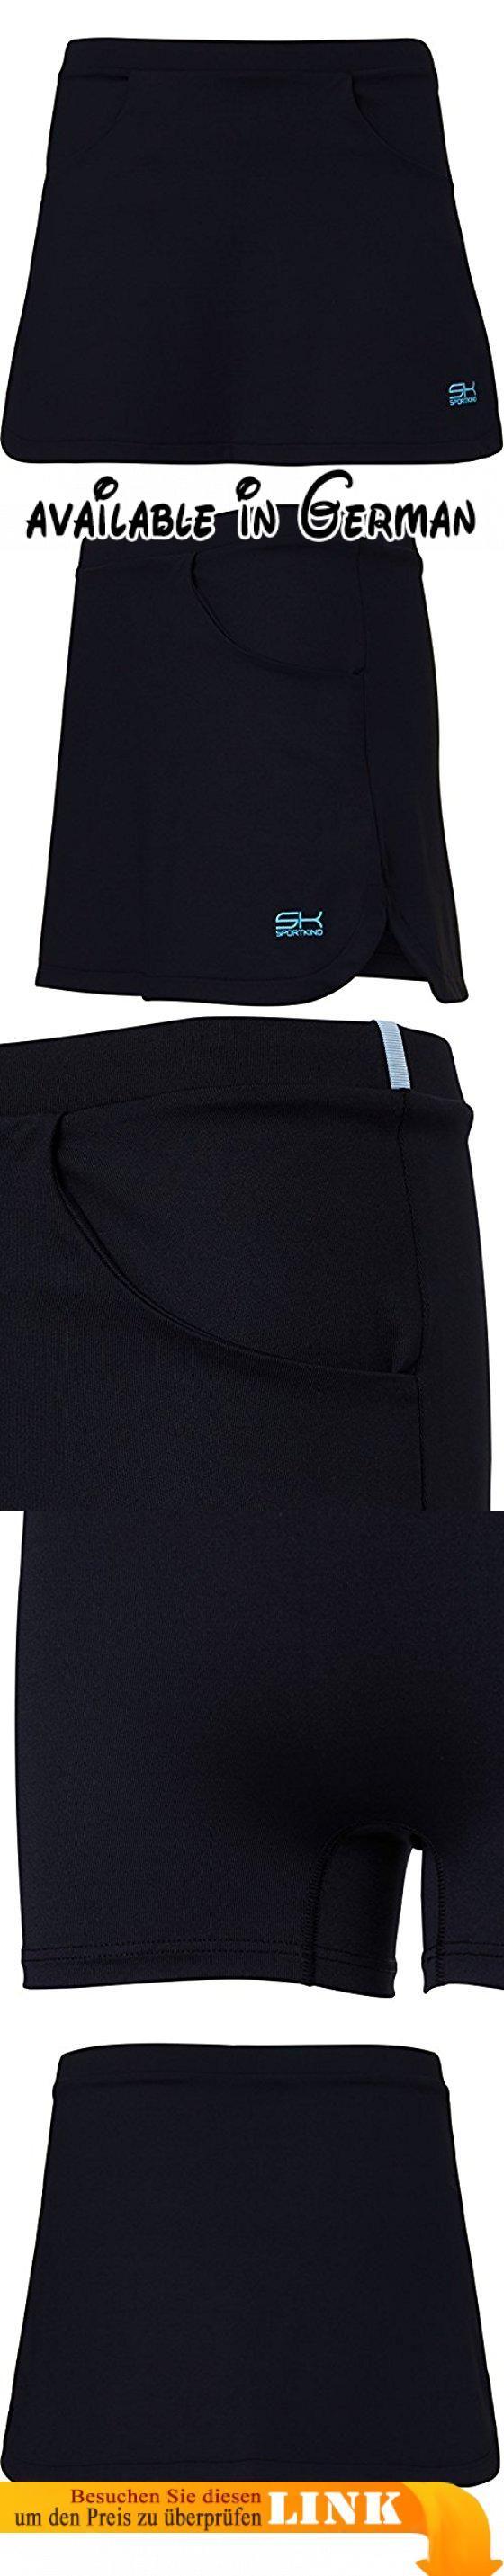 Sportkind Mädchen & Damen Tennis / Hockey / Golf Classic Rock mit Taschen & Innenhose, schwarz, Gr. S. Elastischer Taillenbund, integrierte Shorts, tiefe, seitliche Taschen für Links- und Rechtshänder, Rocklänge 36 cm / Größe M. Atmungsaktives, schnell trocknendes, UV-Strahlen abweisendes (UPF 50+) Stretchmaterial. Material: 91% Polyamid, 9% Elasthan (Lycra®) // Maschinenwäsche 40°C. Farben: Schwarz, Grau, Weiss, Rot, Pink, Grün, Navy Blau. Grössen: 110, 116, 122,